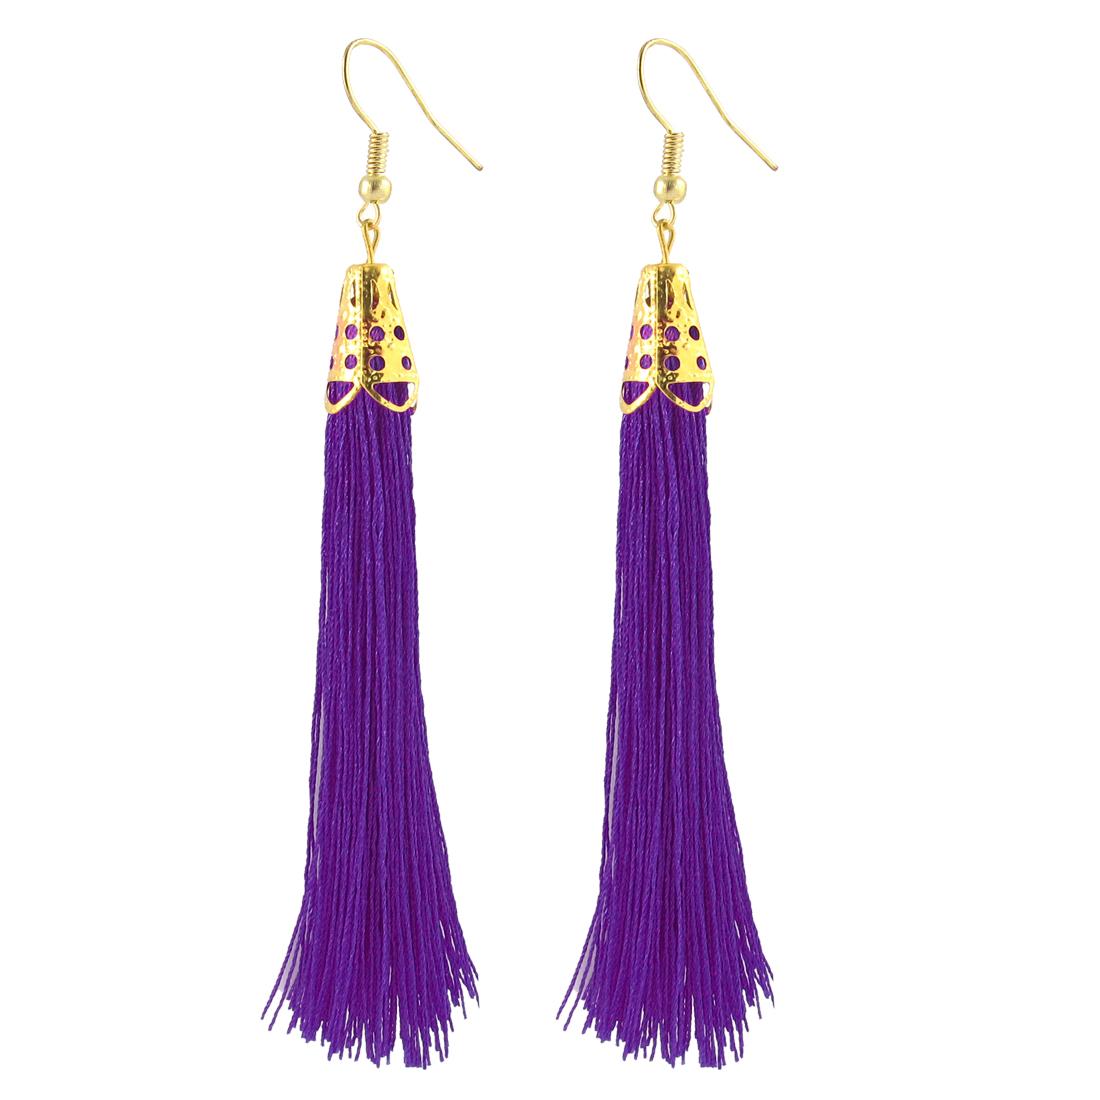 Metal Fish Hook Charm Hanging Long Tassel Earrings Eardrop Gift Pair Purple